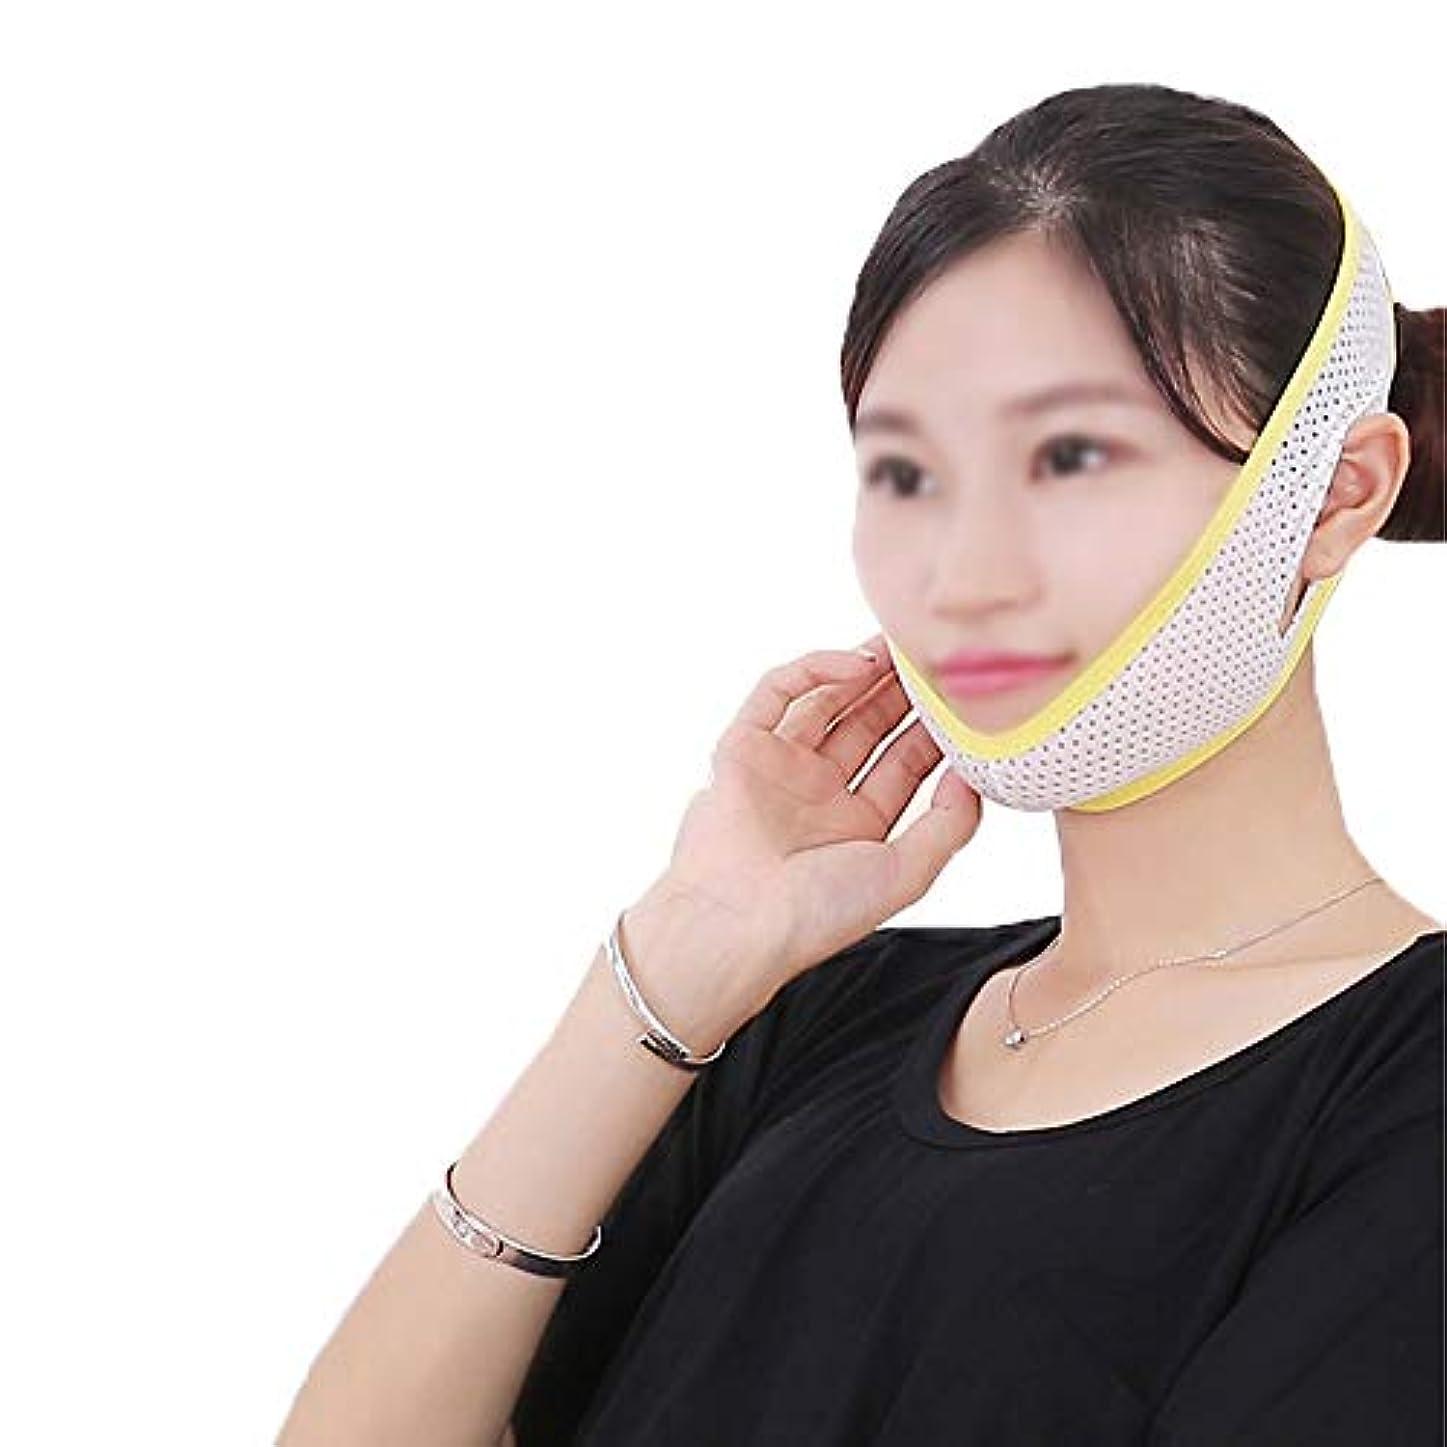 溶けるコース特に顔と首のリフト、フェイスリフトマスク強力なフェイスリフティングツール引き締めとリフティングスキニーフェイスマスクアーチファクトフェイスリフティング包帯フェイスリフティングデバイス (Size : M)